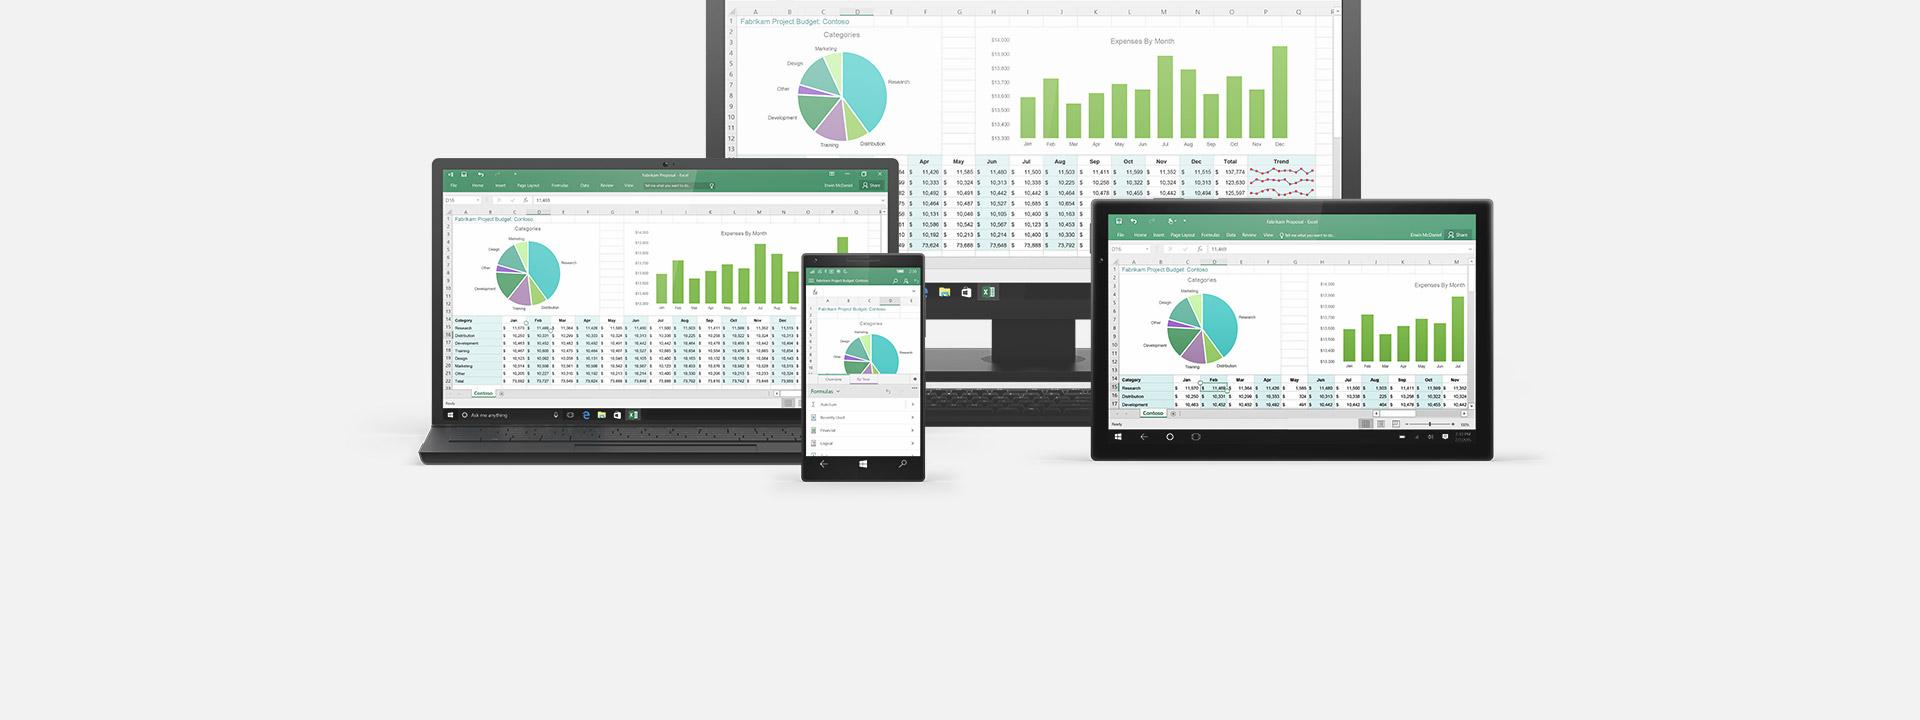 여러 대의 디바이스, Office 365 자세히 보기